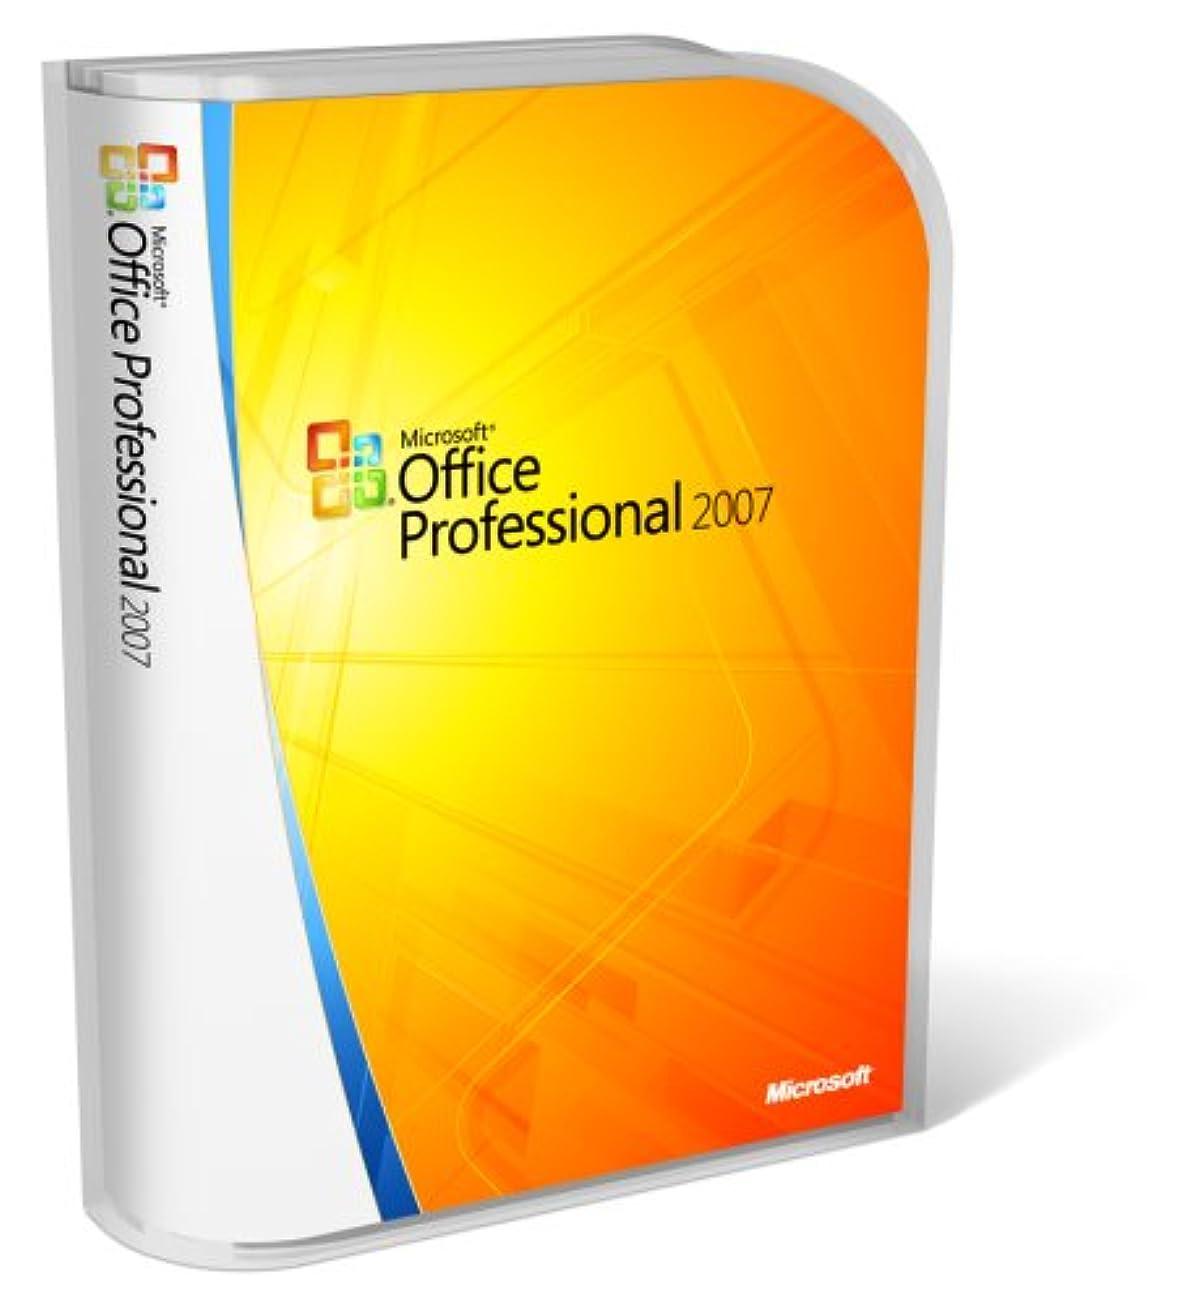 全く誕生日に勝る【旧商品/メーカー出荷終了/サポート終了】Microsoft Office 2007 Professional 英語版